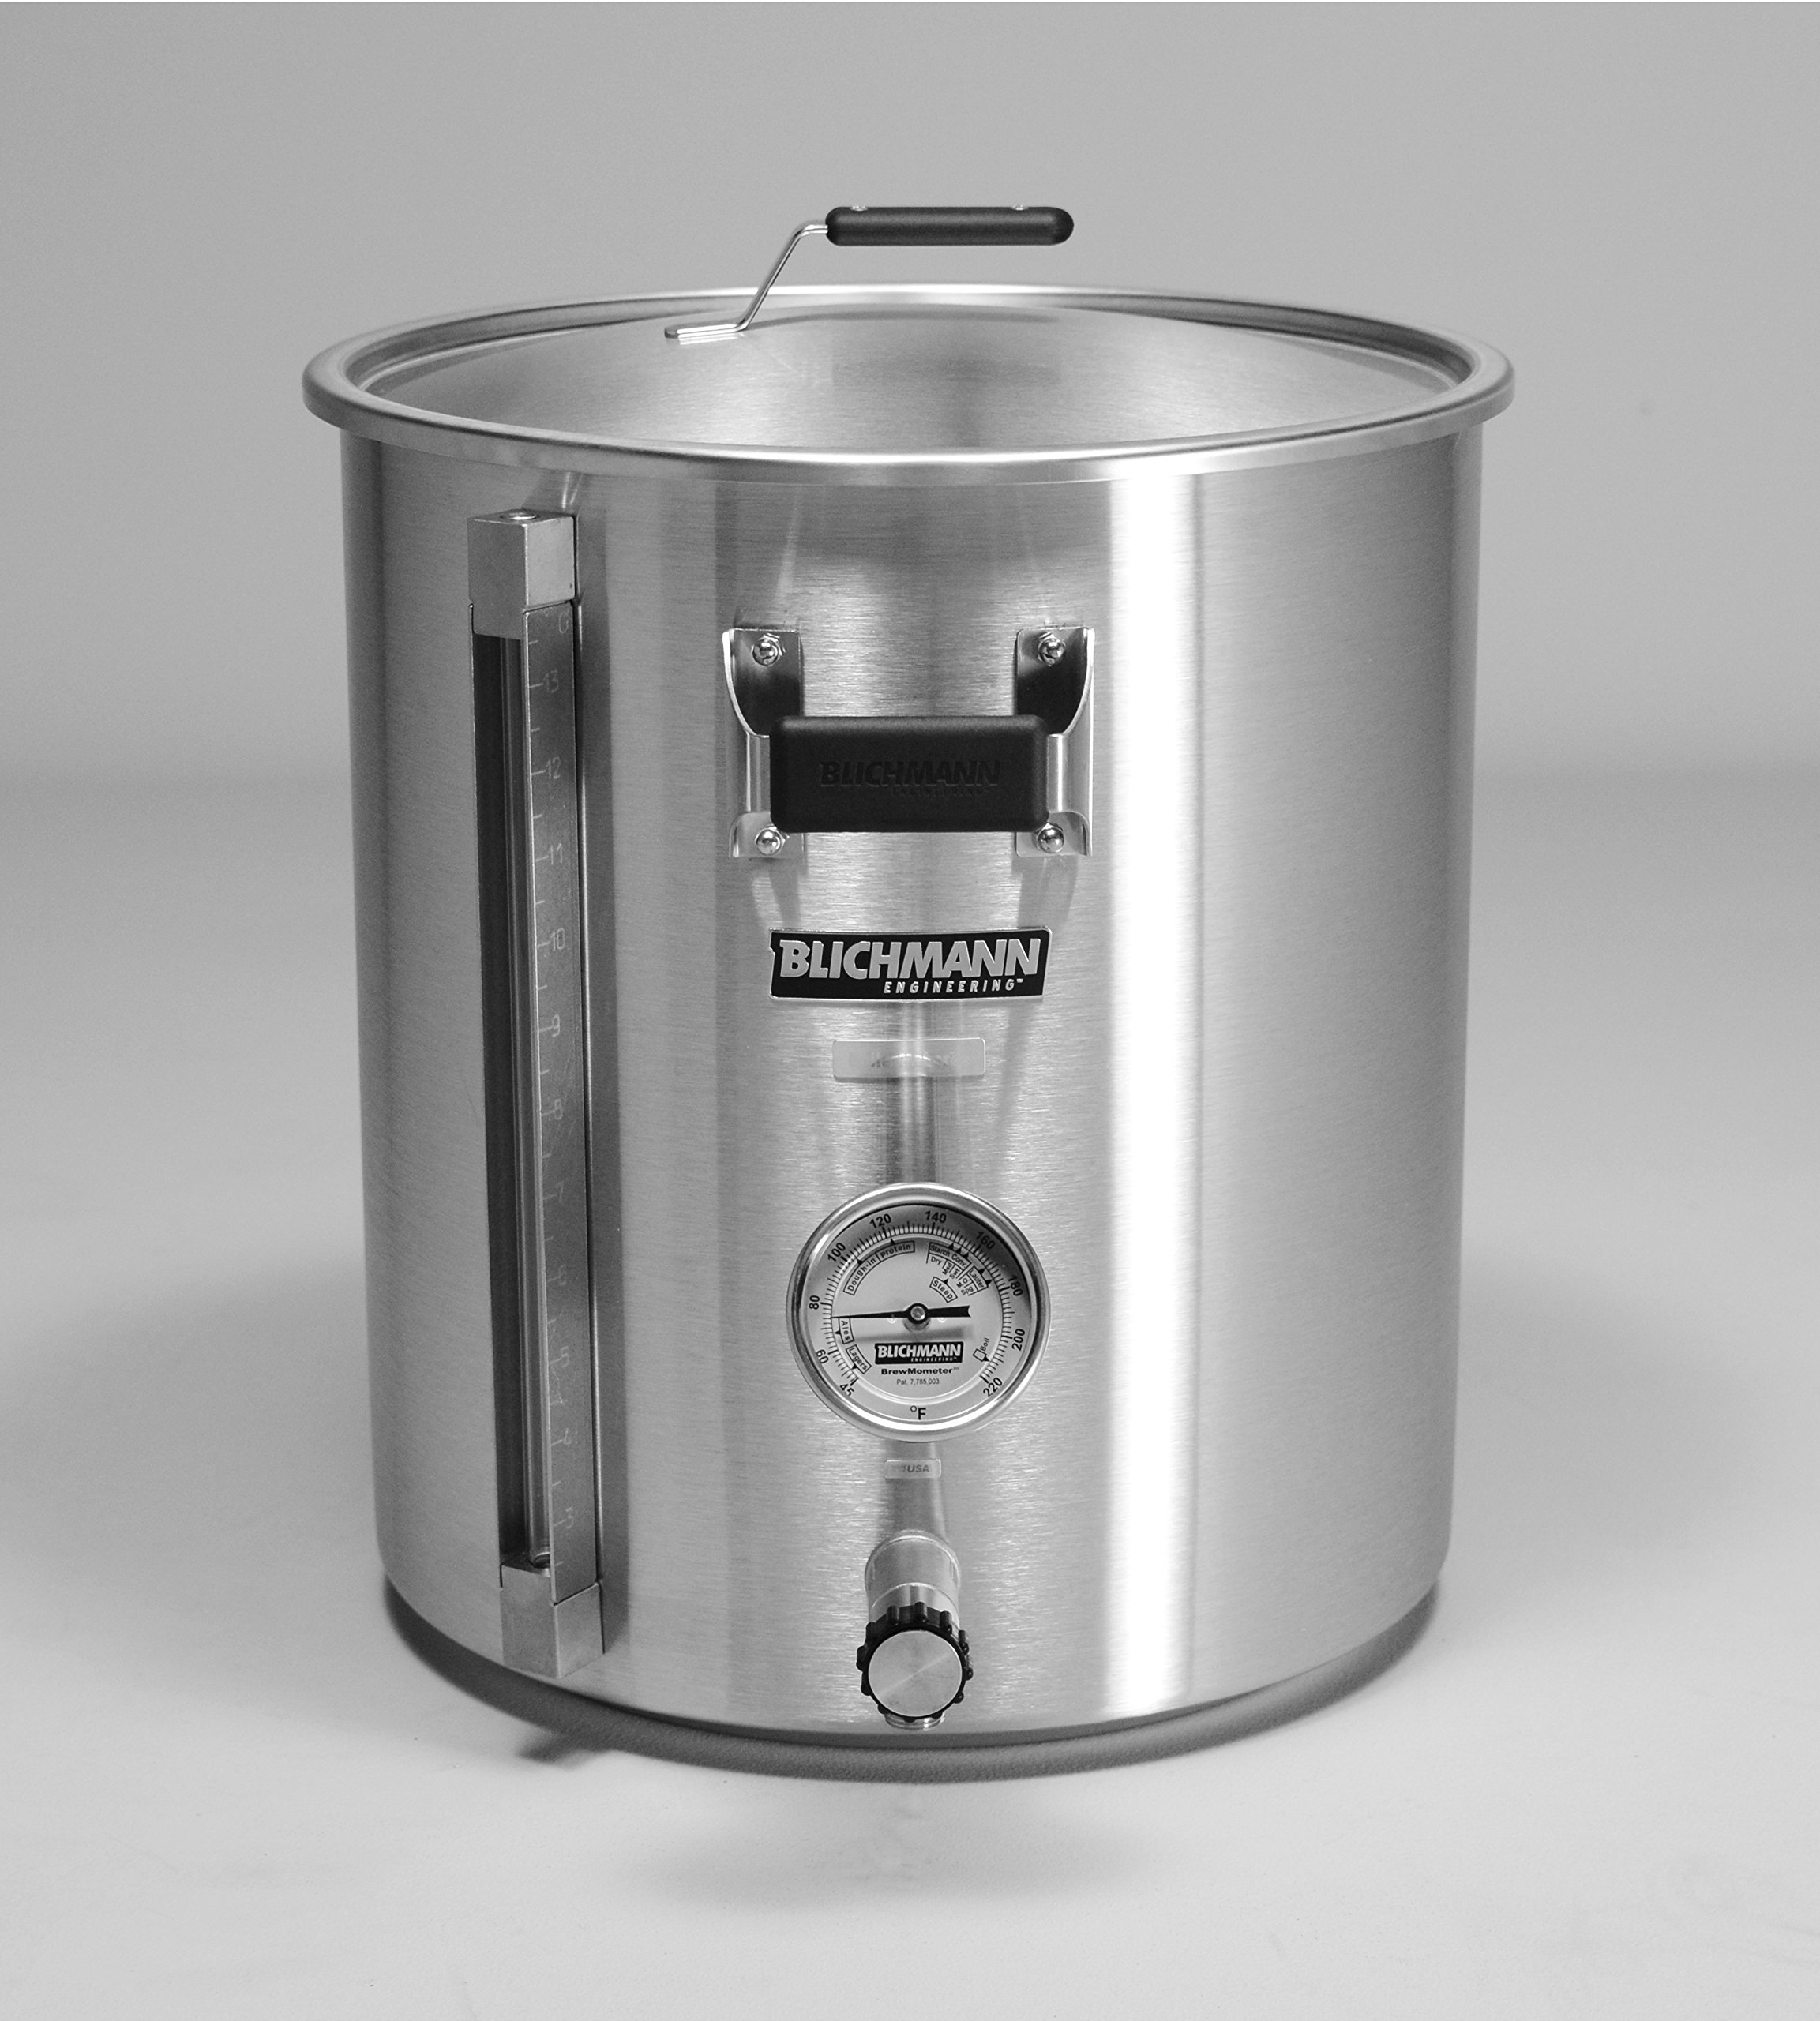 Blichmann Gas Boilermaker G2 Brew Kettle (10 gal)